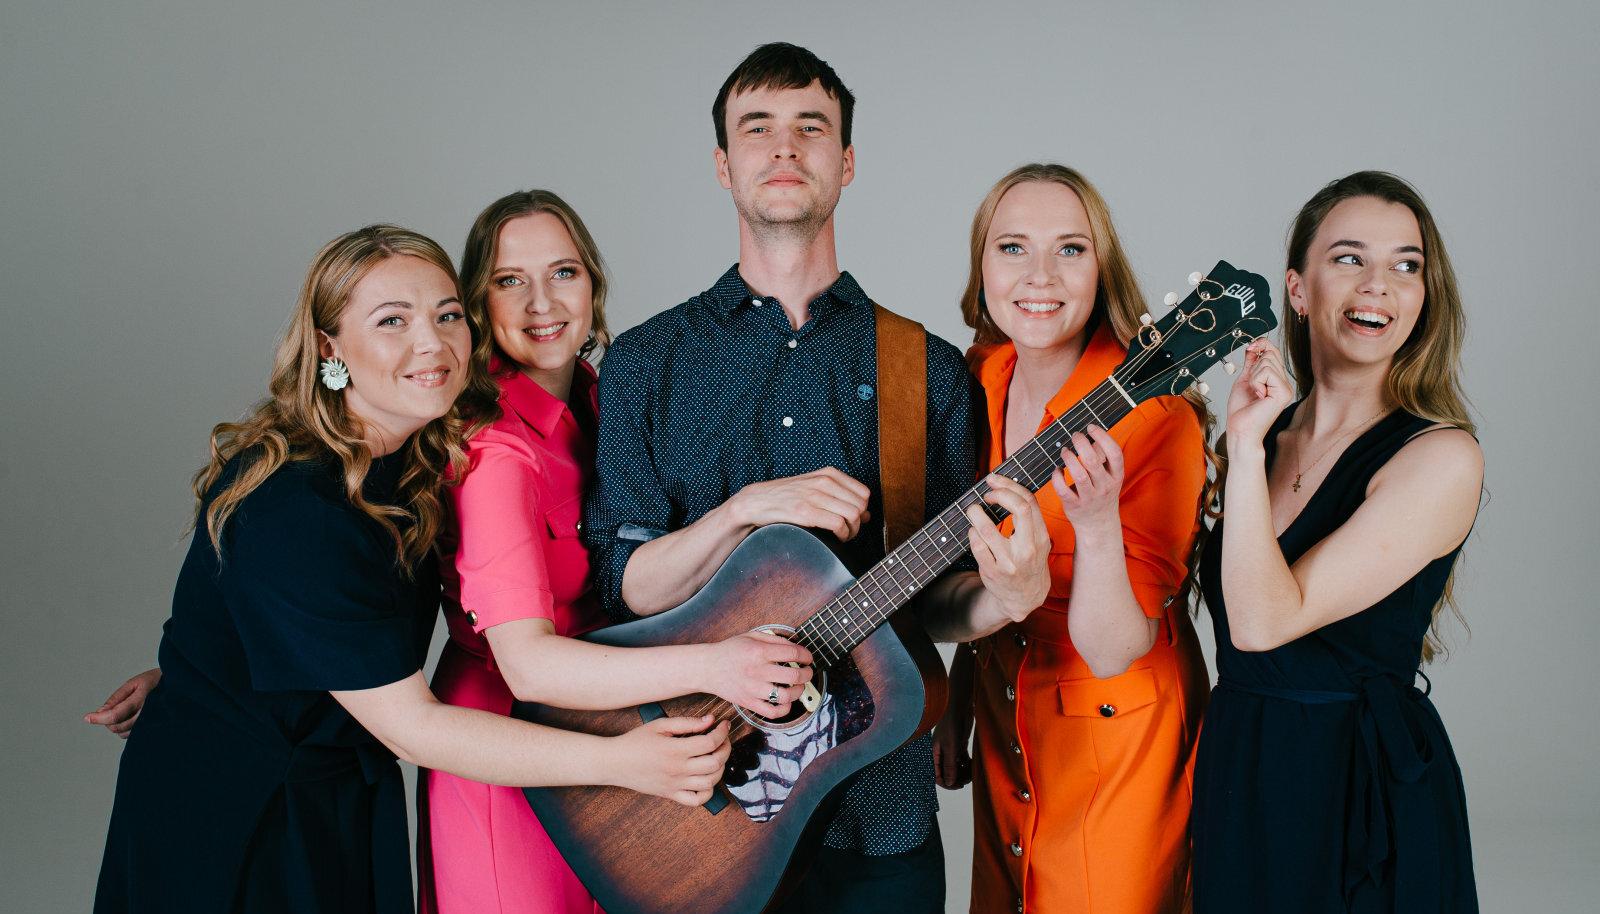 Kummarduse meistrile teevad vokaaltrio Swingin' Sisters, Marten Kuningas, Marianne Leibur ja instrumentaalansambel.